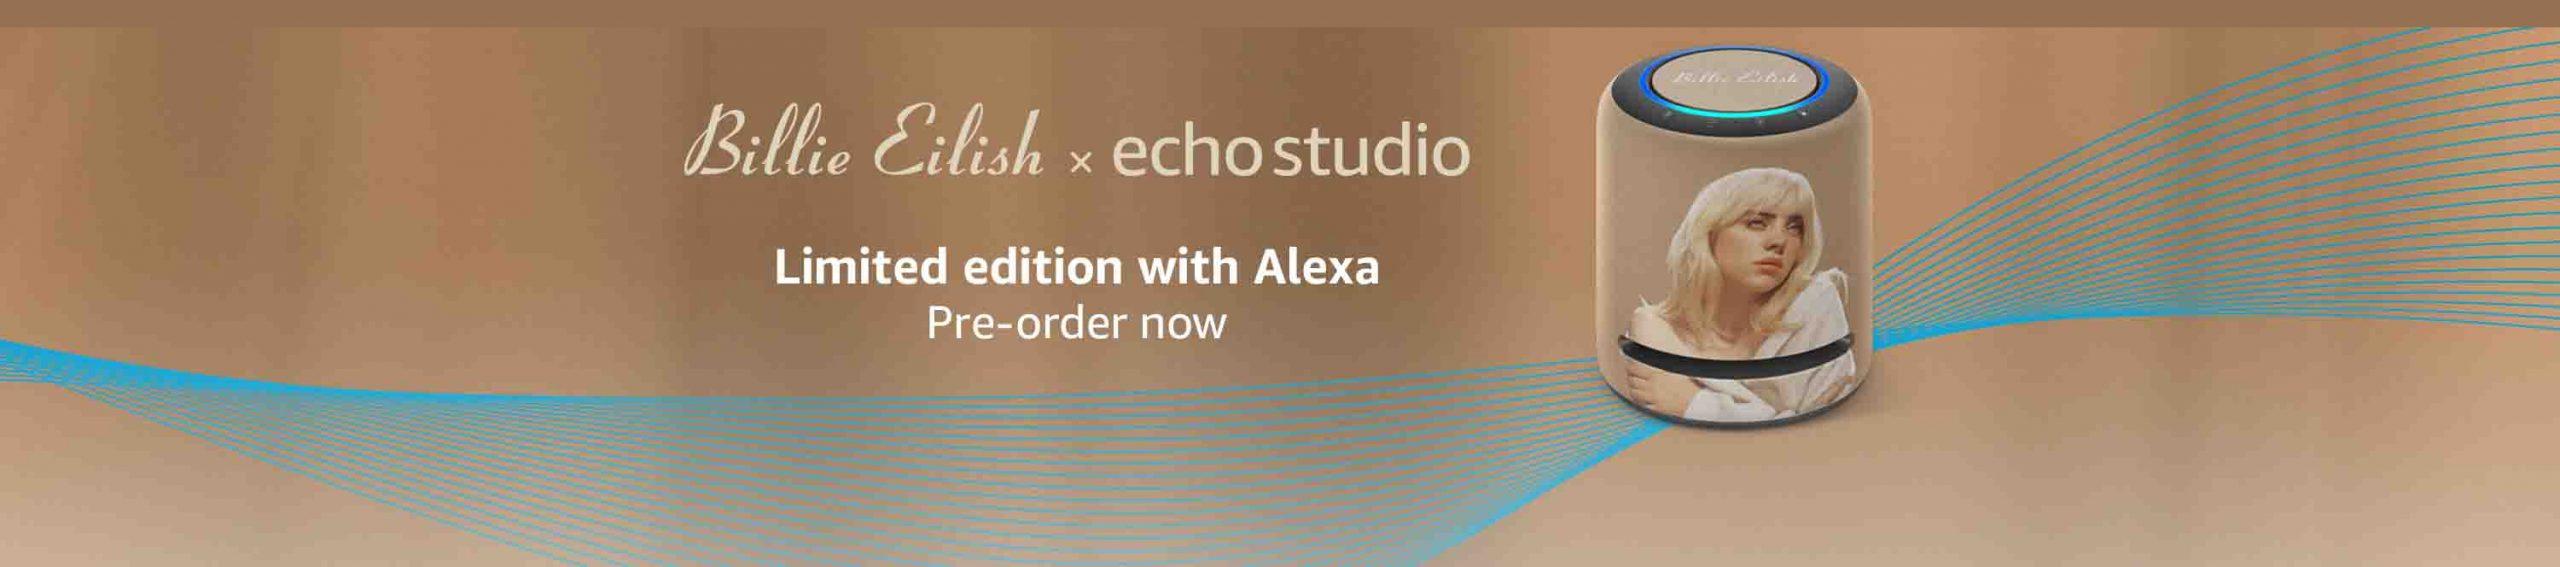 Billie Eilish Limited Edition - Echo Studio